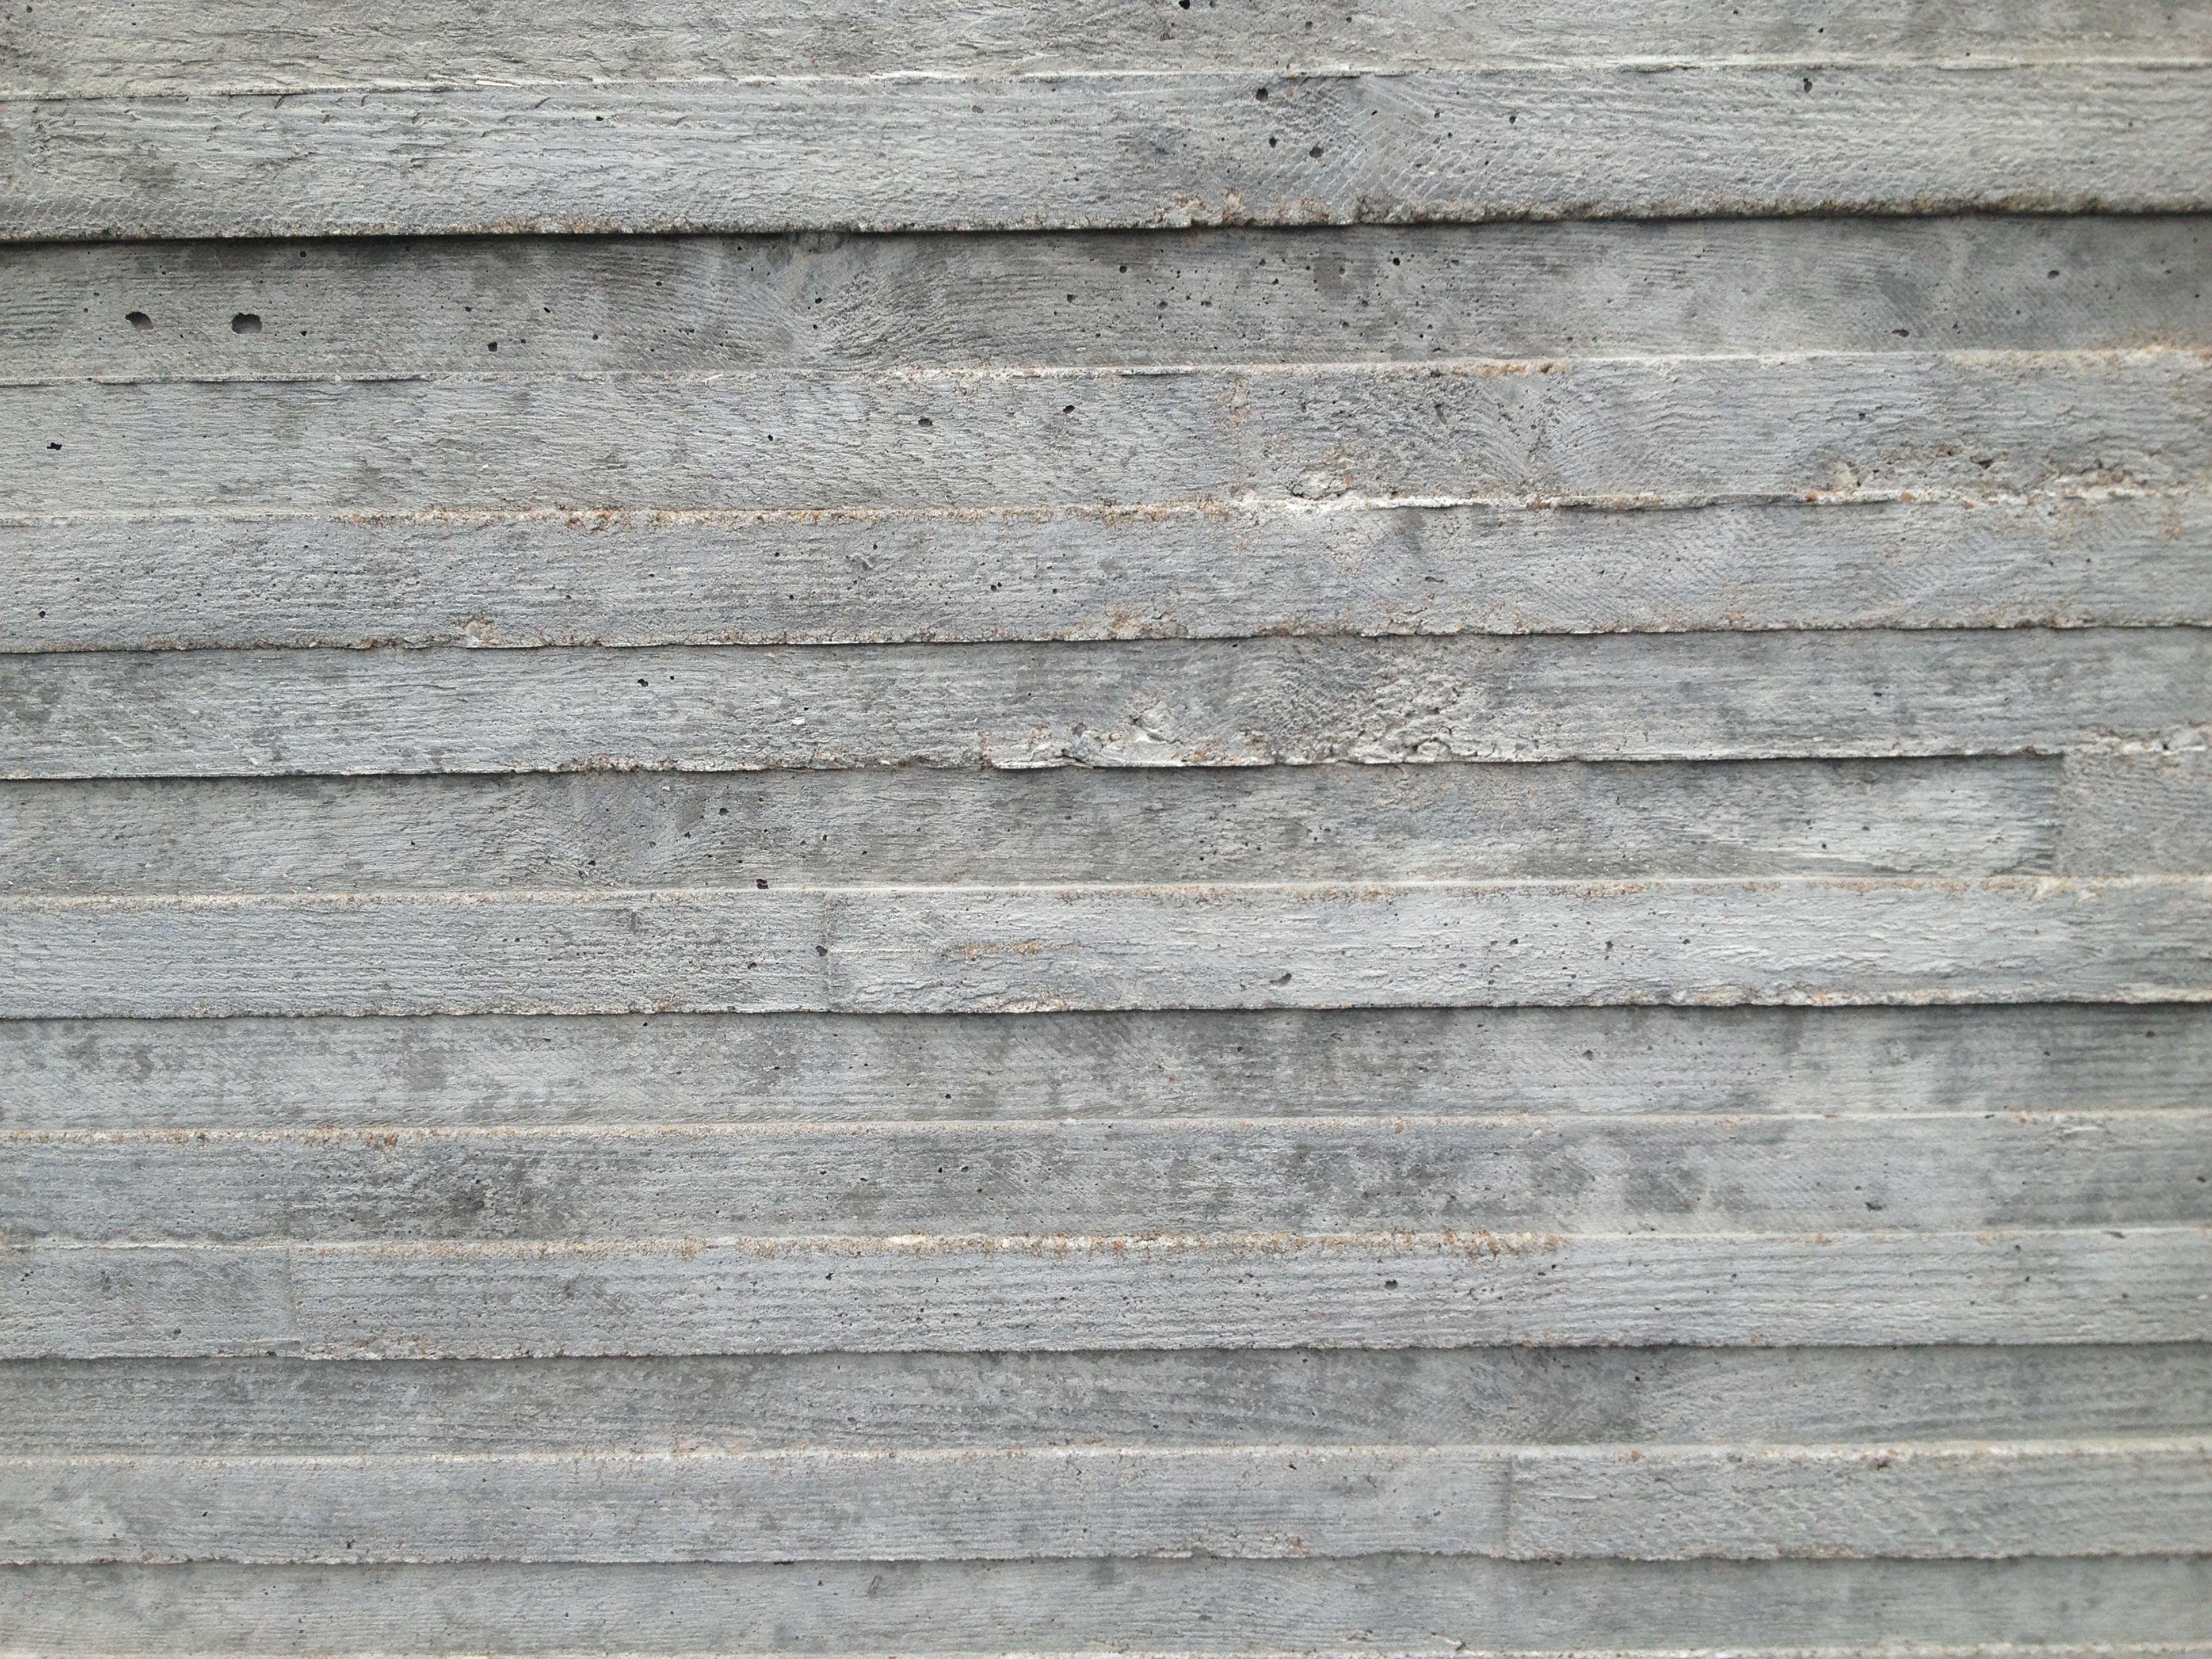 concrete pattern texture - Google Search | textures // concrete ...